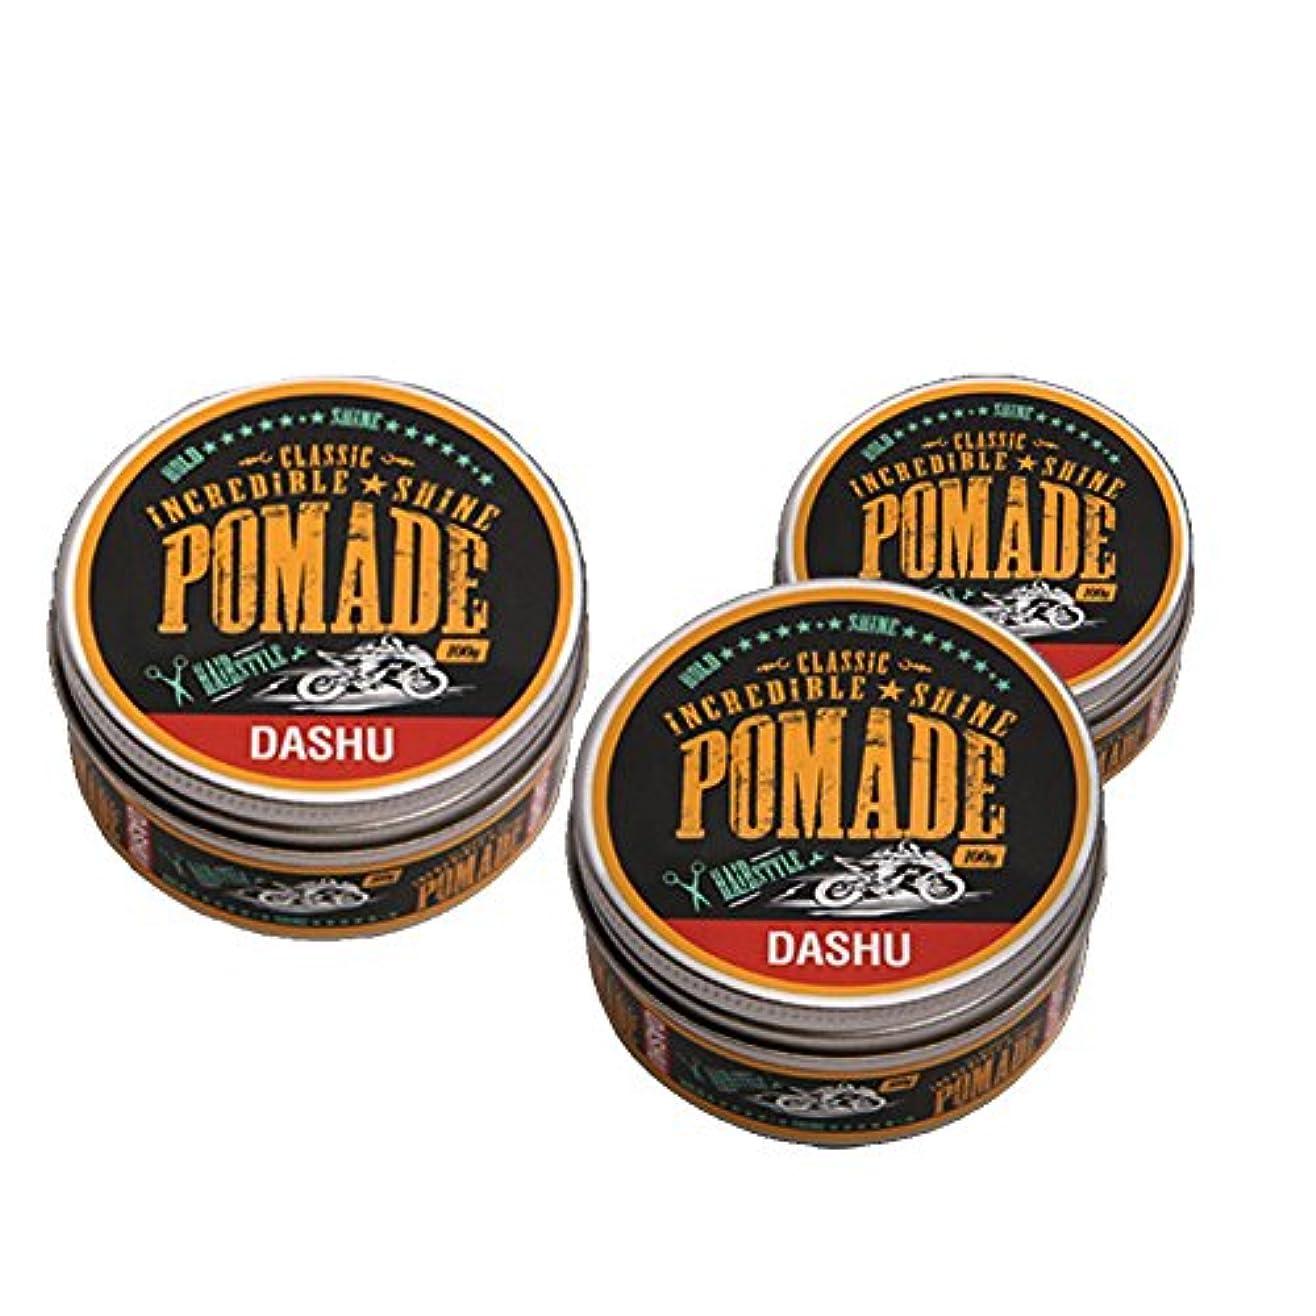 修士号便益十代の若者たち(3個セット) x [DASHU] ダシュ クラシック 信じられないほどの輝き ポマードワックス Classic Incredible Shine Pomade Hair Wax 100ml / 韓国製 . 韓国直送品